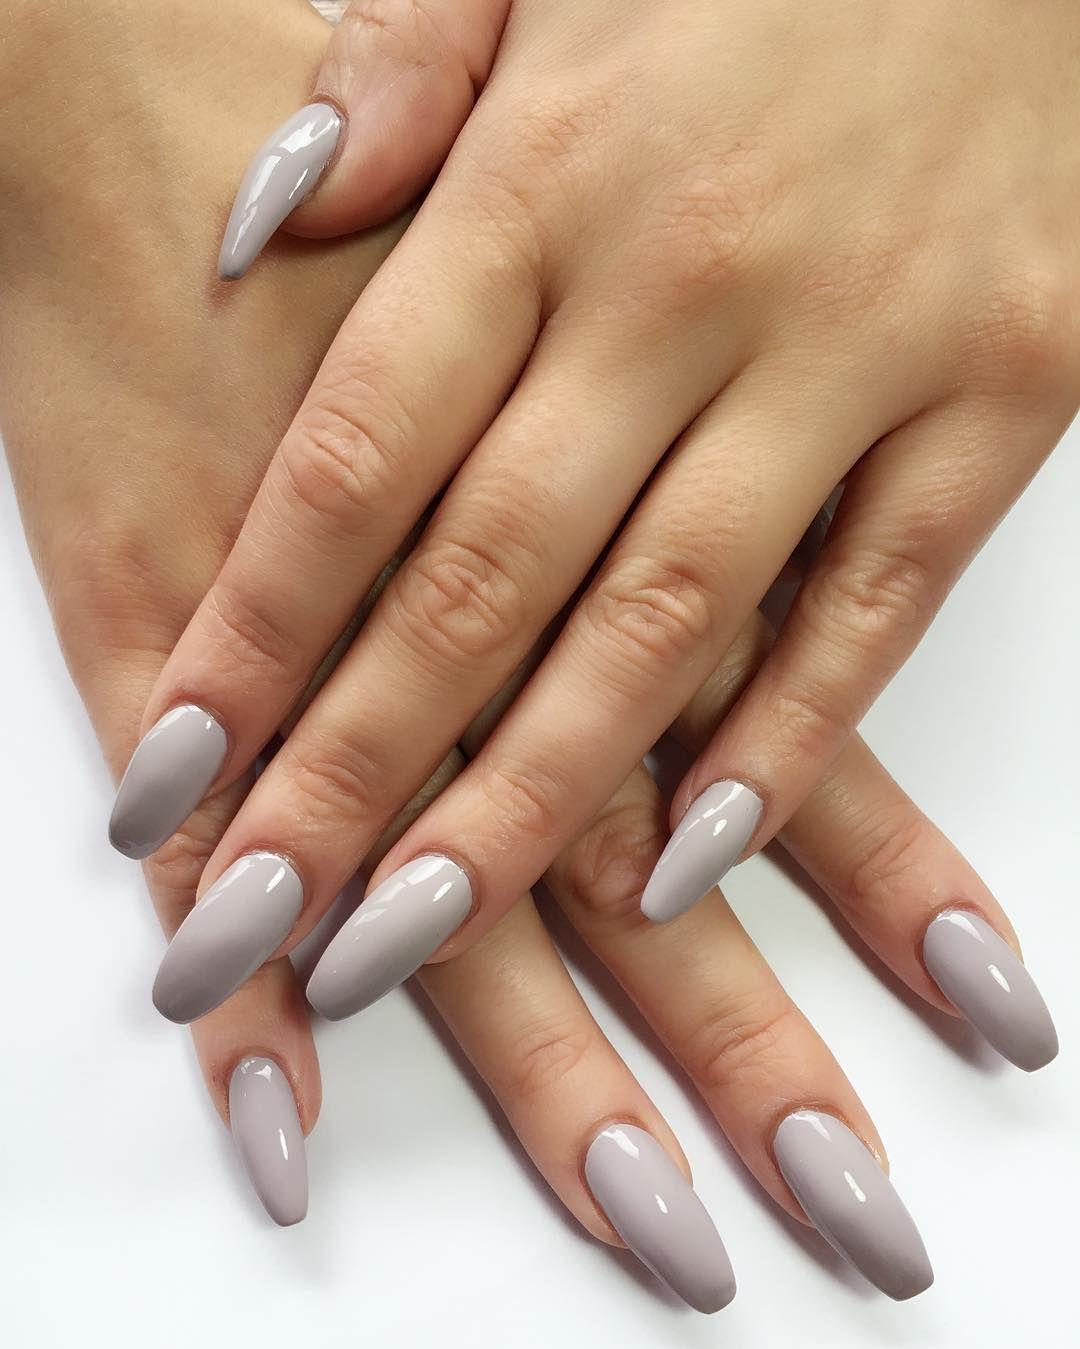 Nail Extension Ideas 2019: SOFT GREY Acrylic Nail Extensions #nailedit #nail #nails